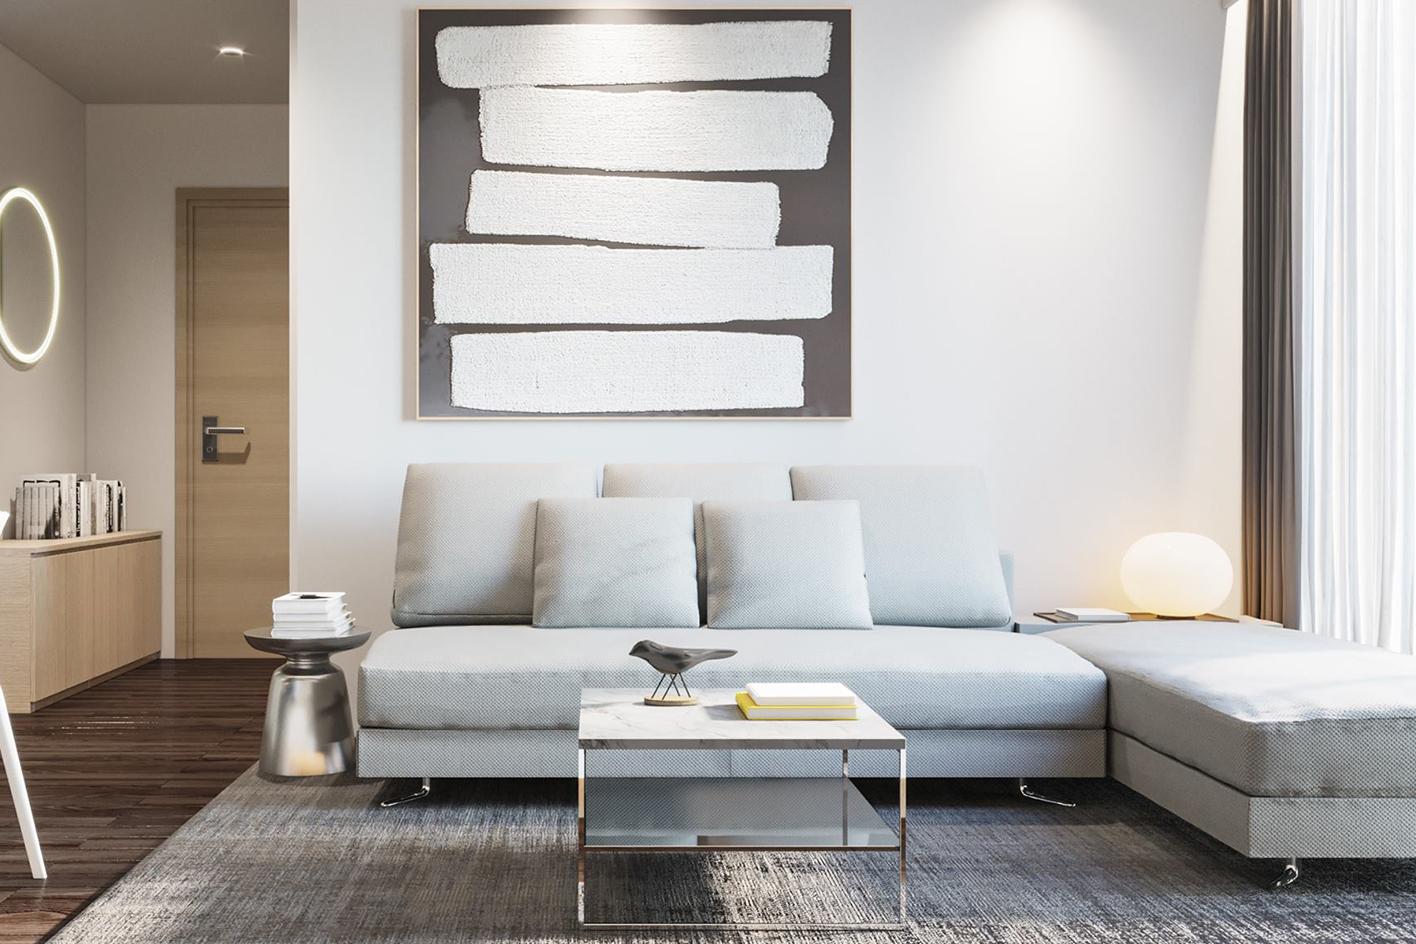 Thiết kế nội thất phòng khách bếp chung cư Mỹ Đình Plaza 2